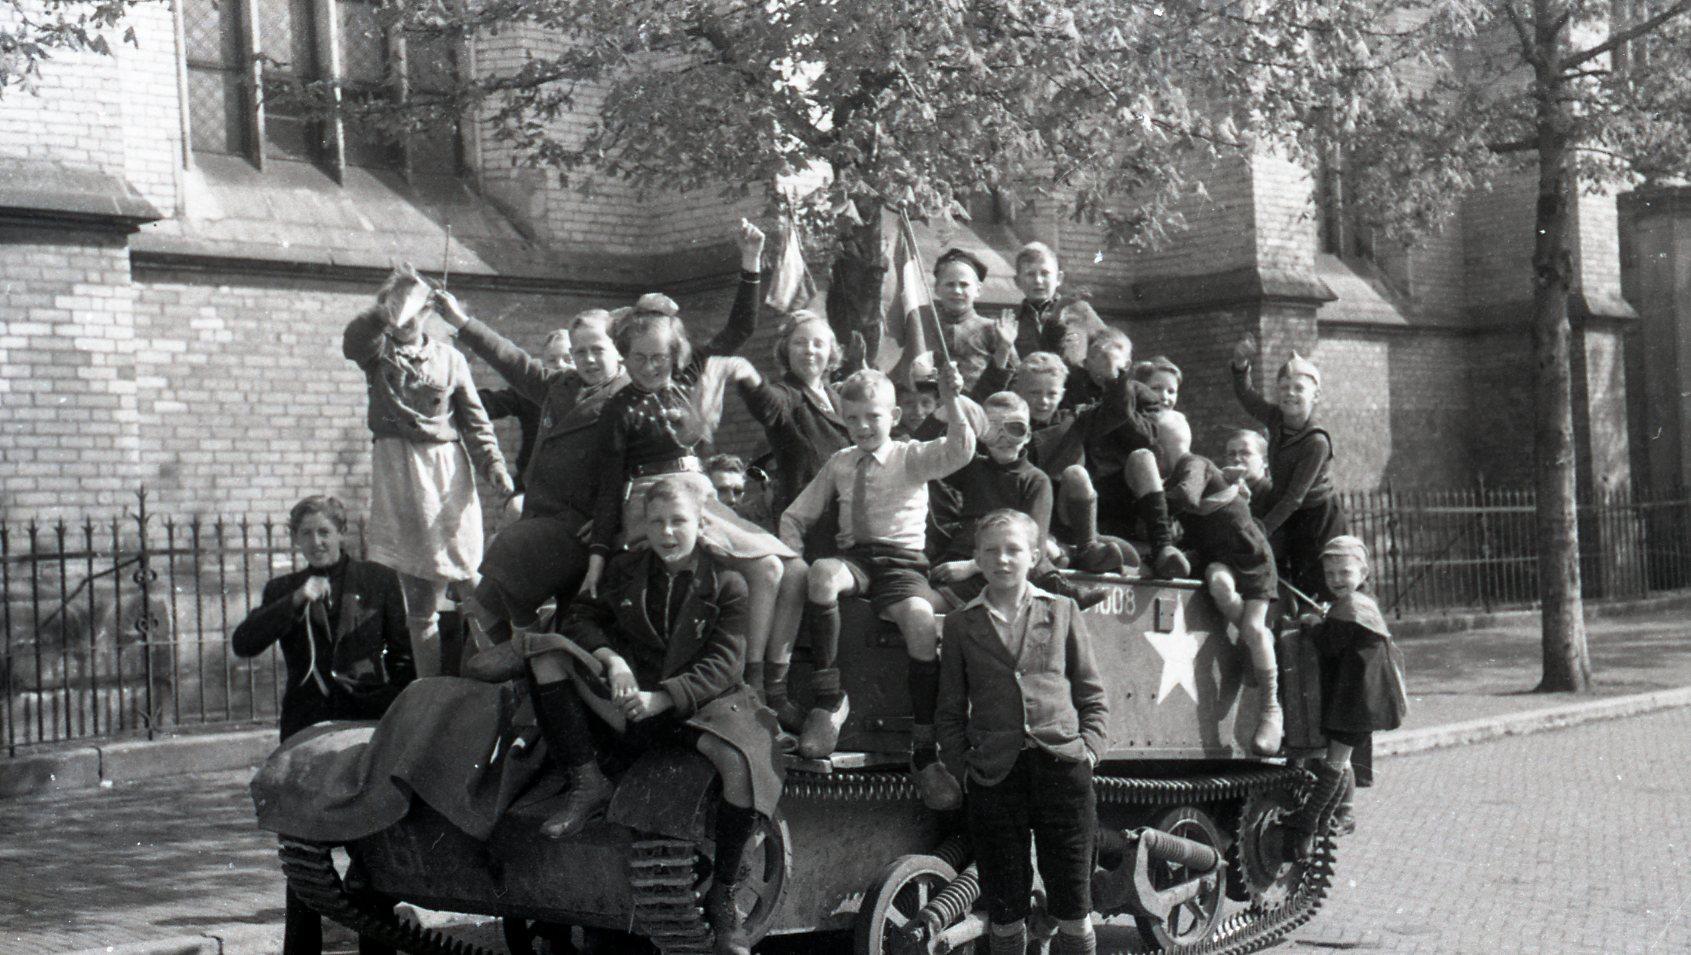 Foto: fotograaf van de foto is Evert Melvin Nordstrom (1920-2008), collectie Historisch Centrum Overijssel.